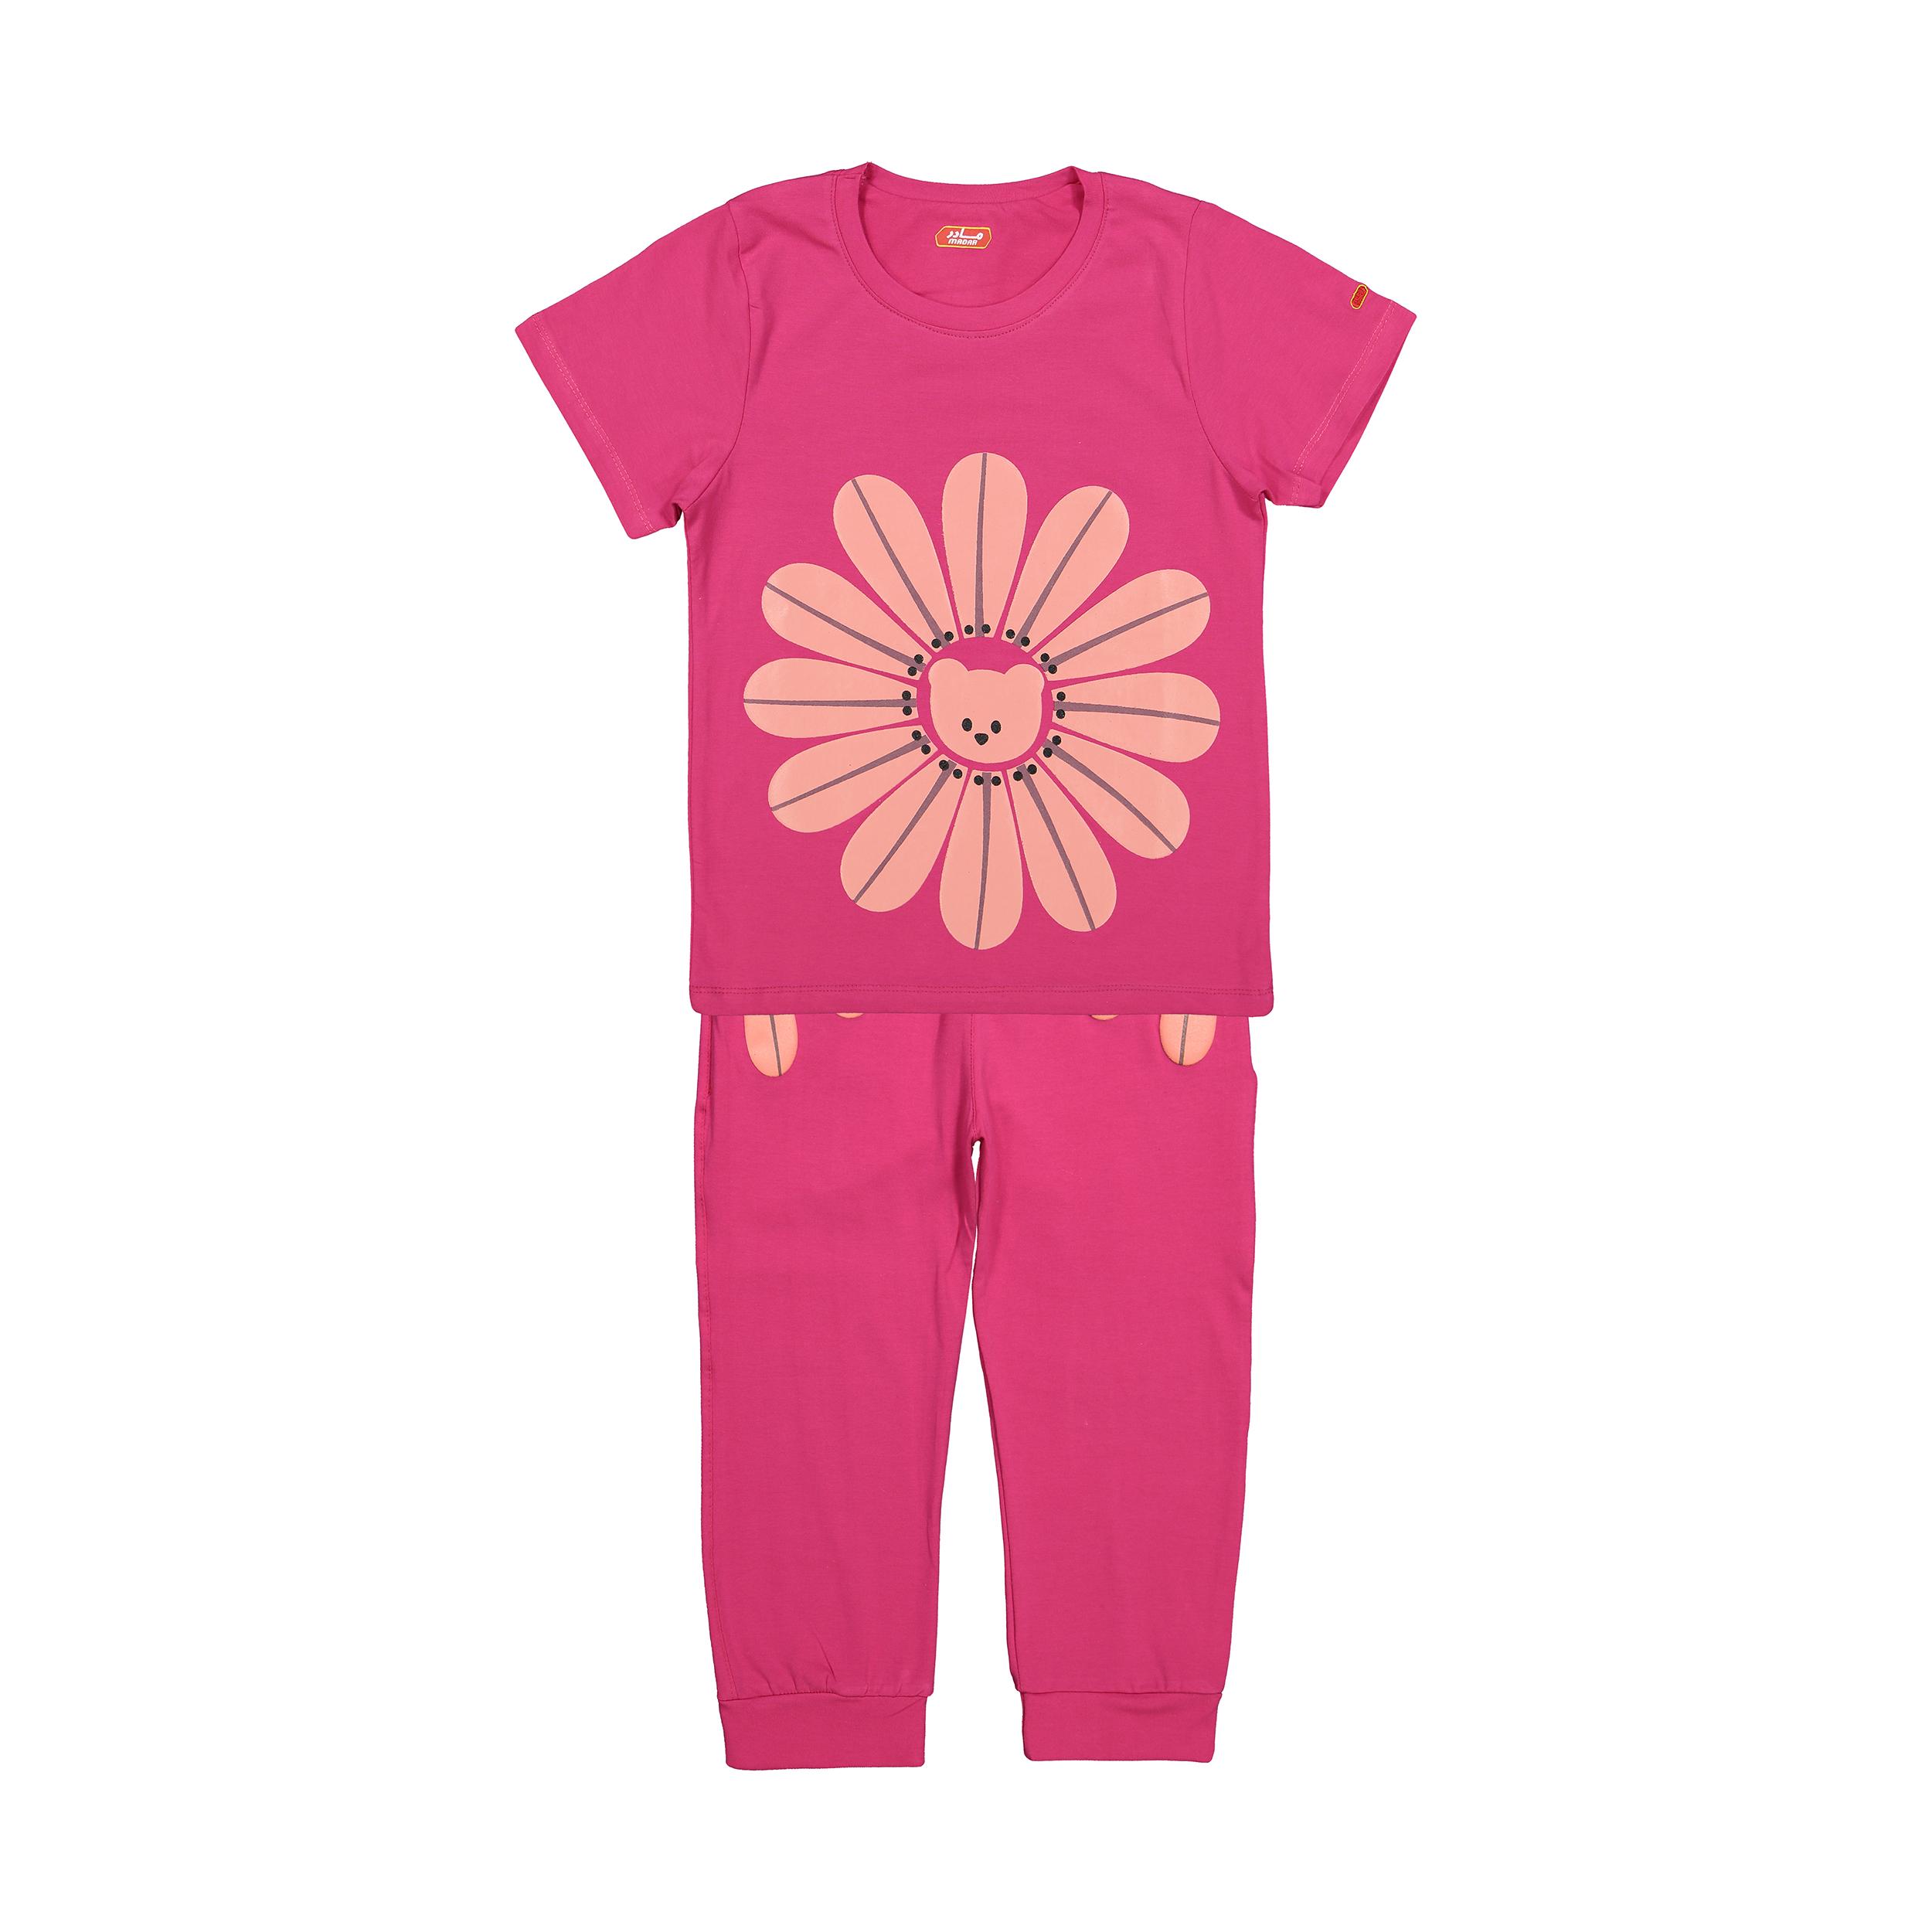 ست تی شرت و شلوار دخترانه مادر مدل 2041101-66